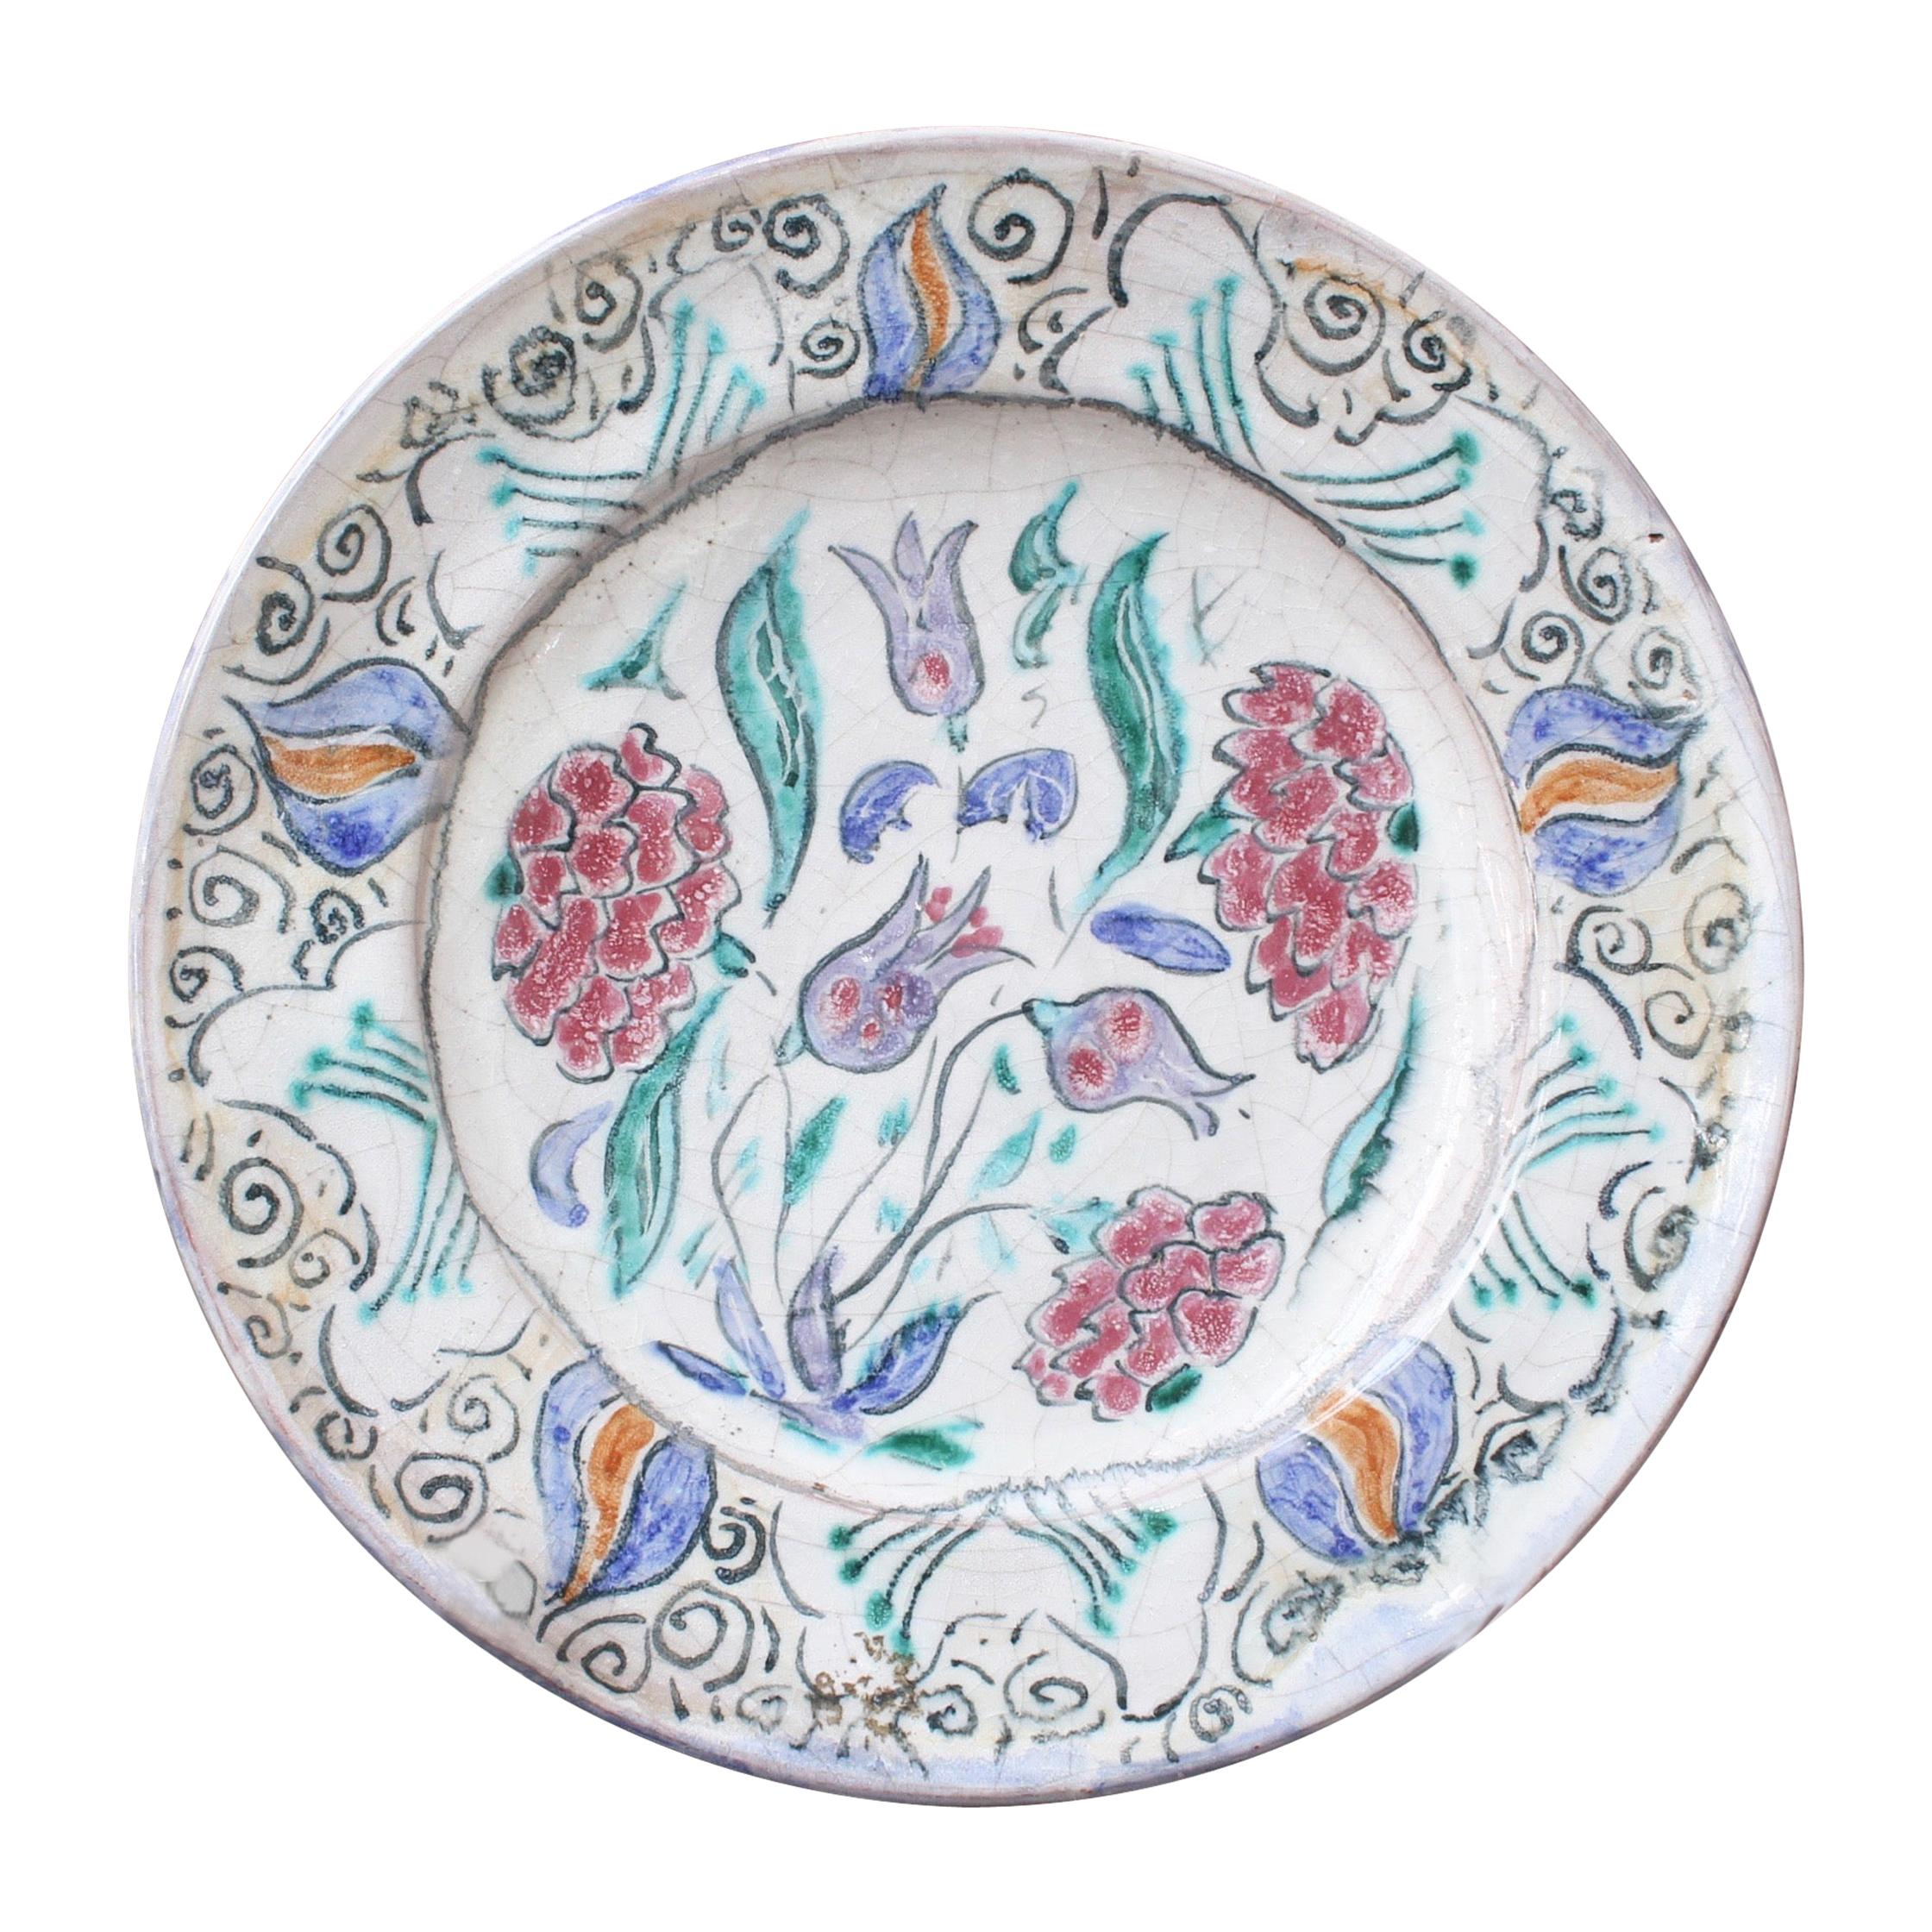 French Iznik-Inspired Ceramic Decorative Plate by Édouard Cazaux, circa 1930s